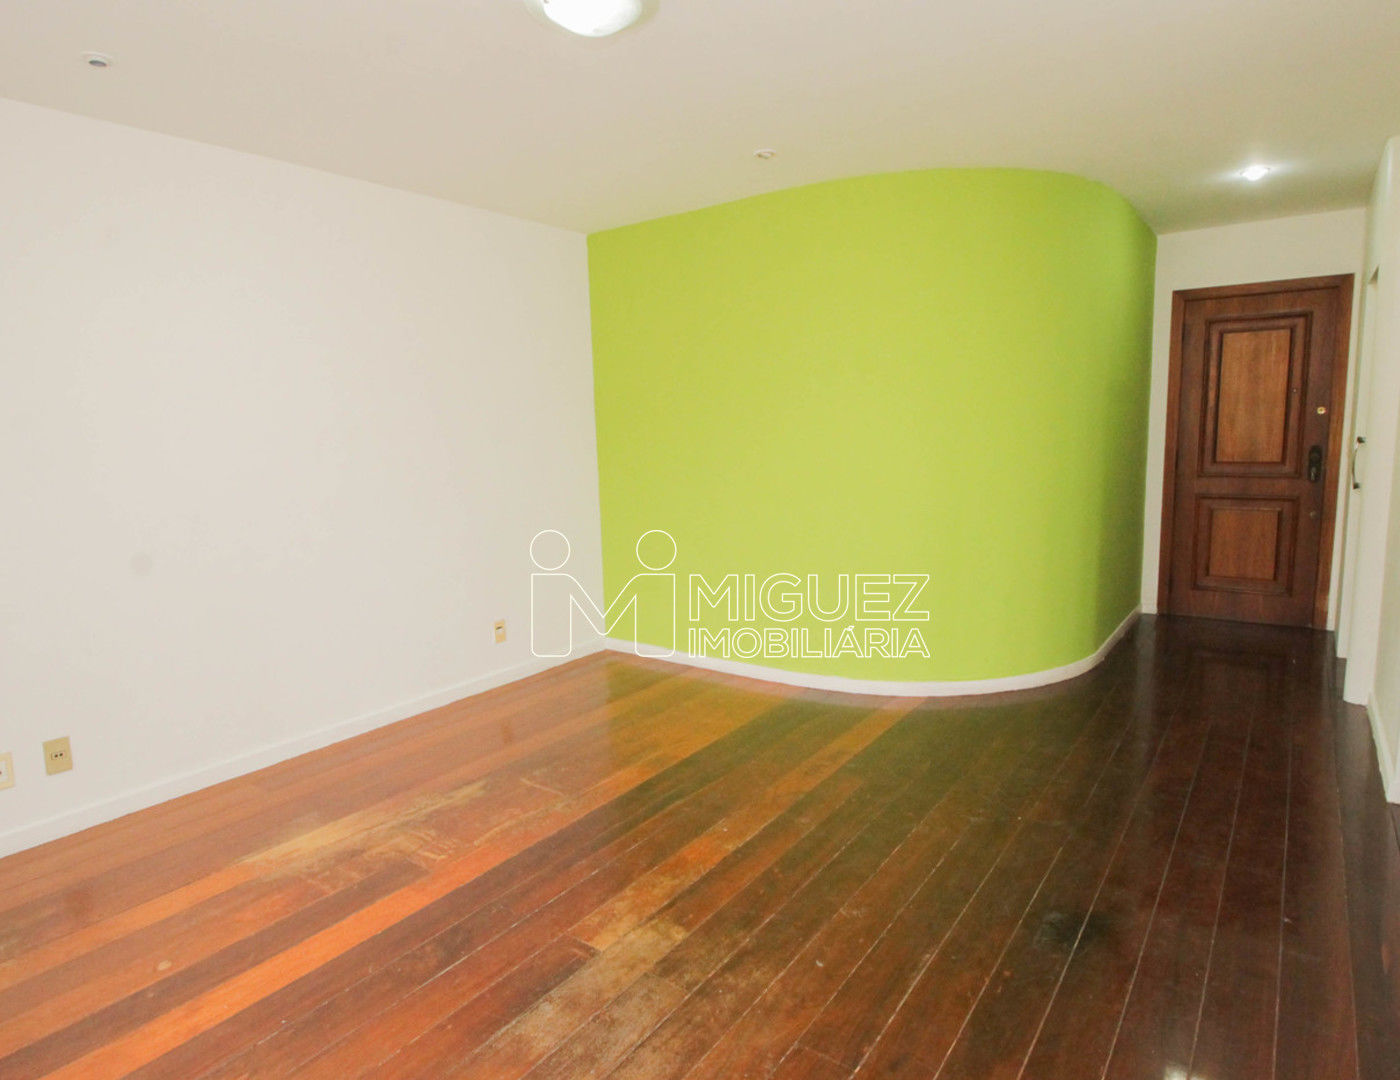 Apartamento, aluguel, Rua José Higino - Tijuca , Rio de janeiro